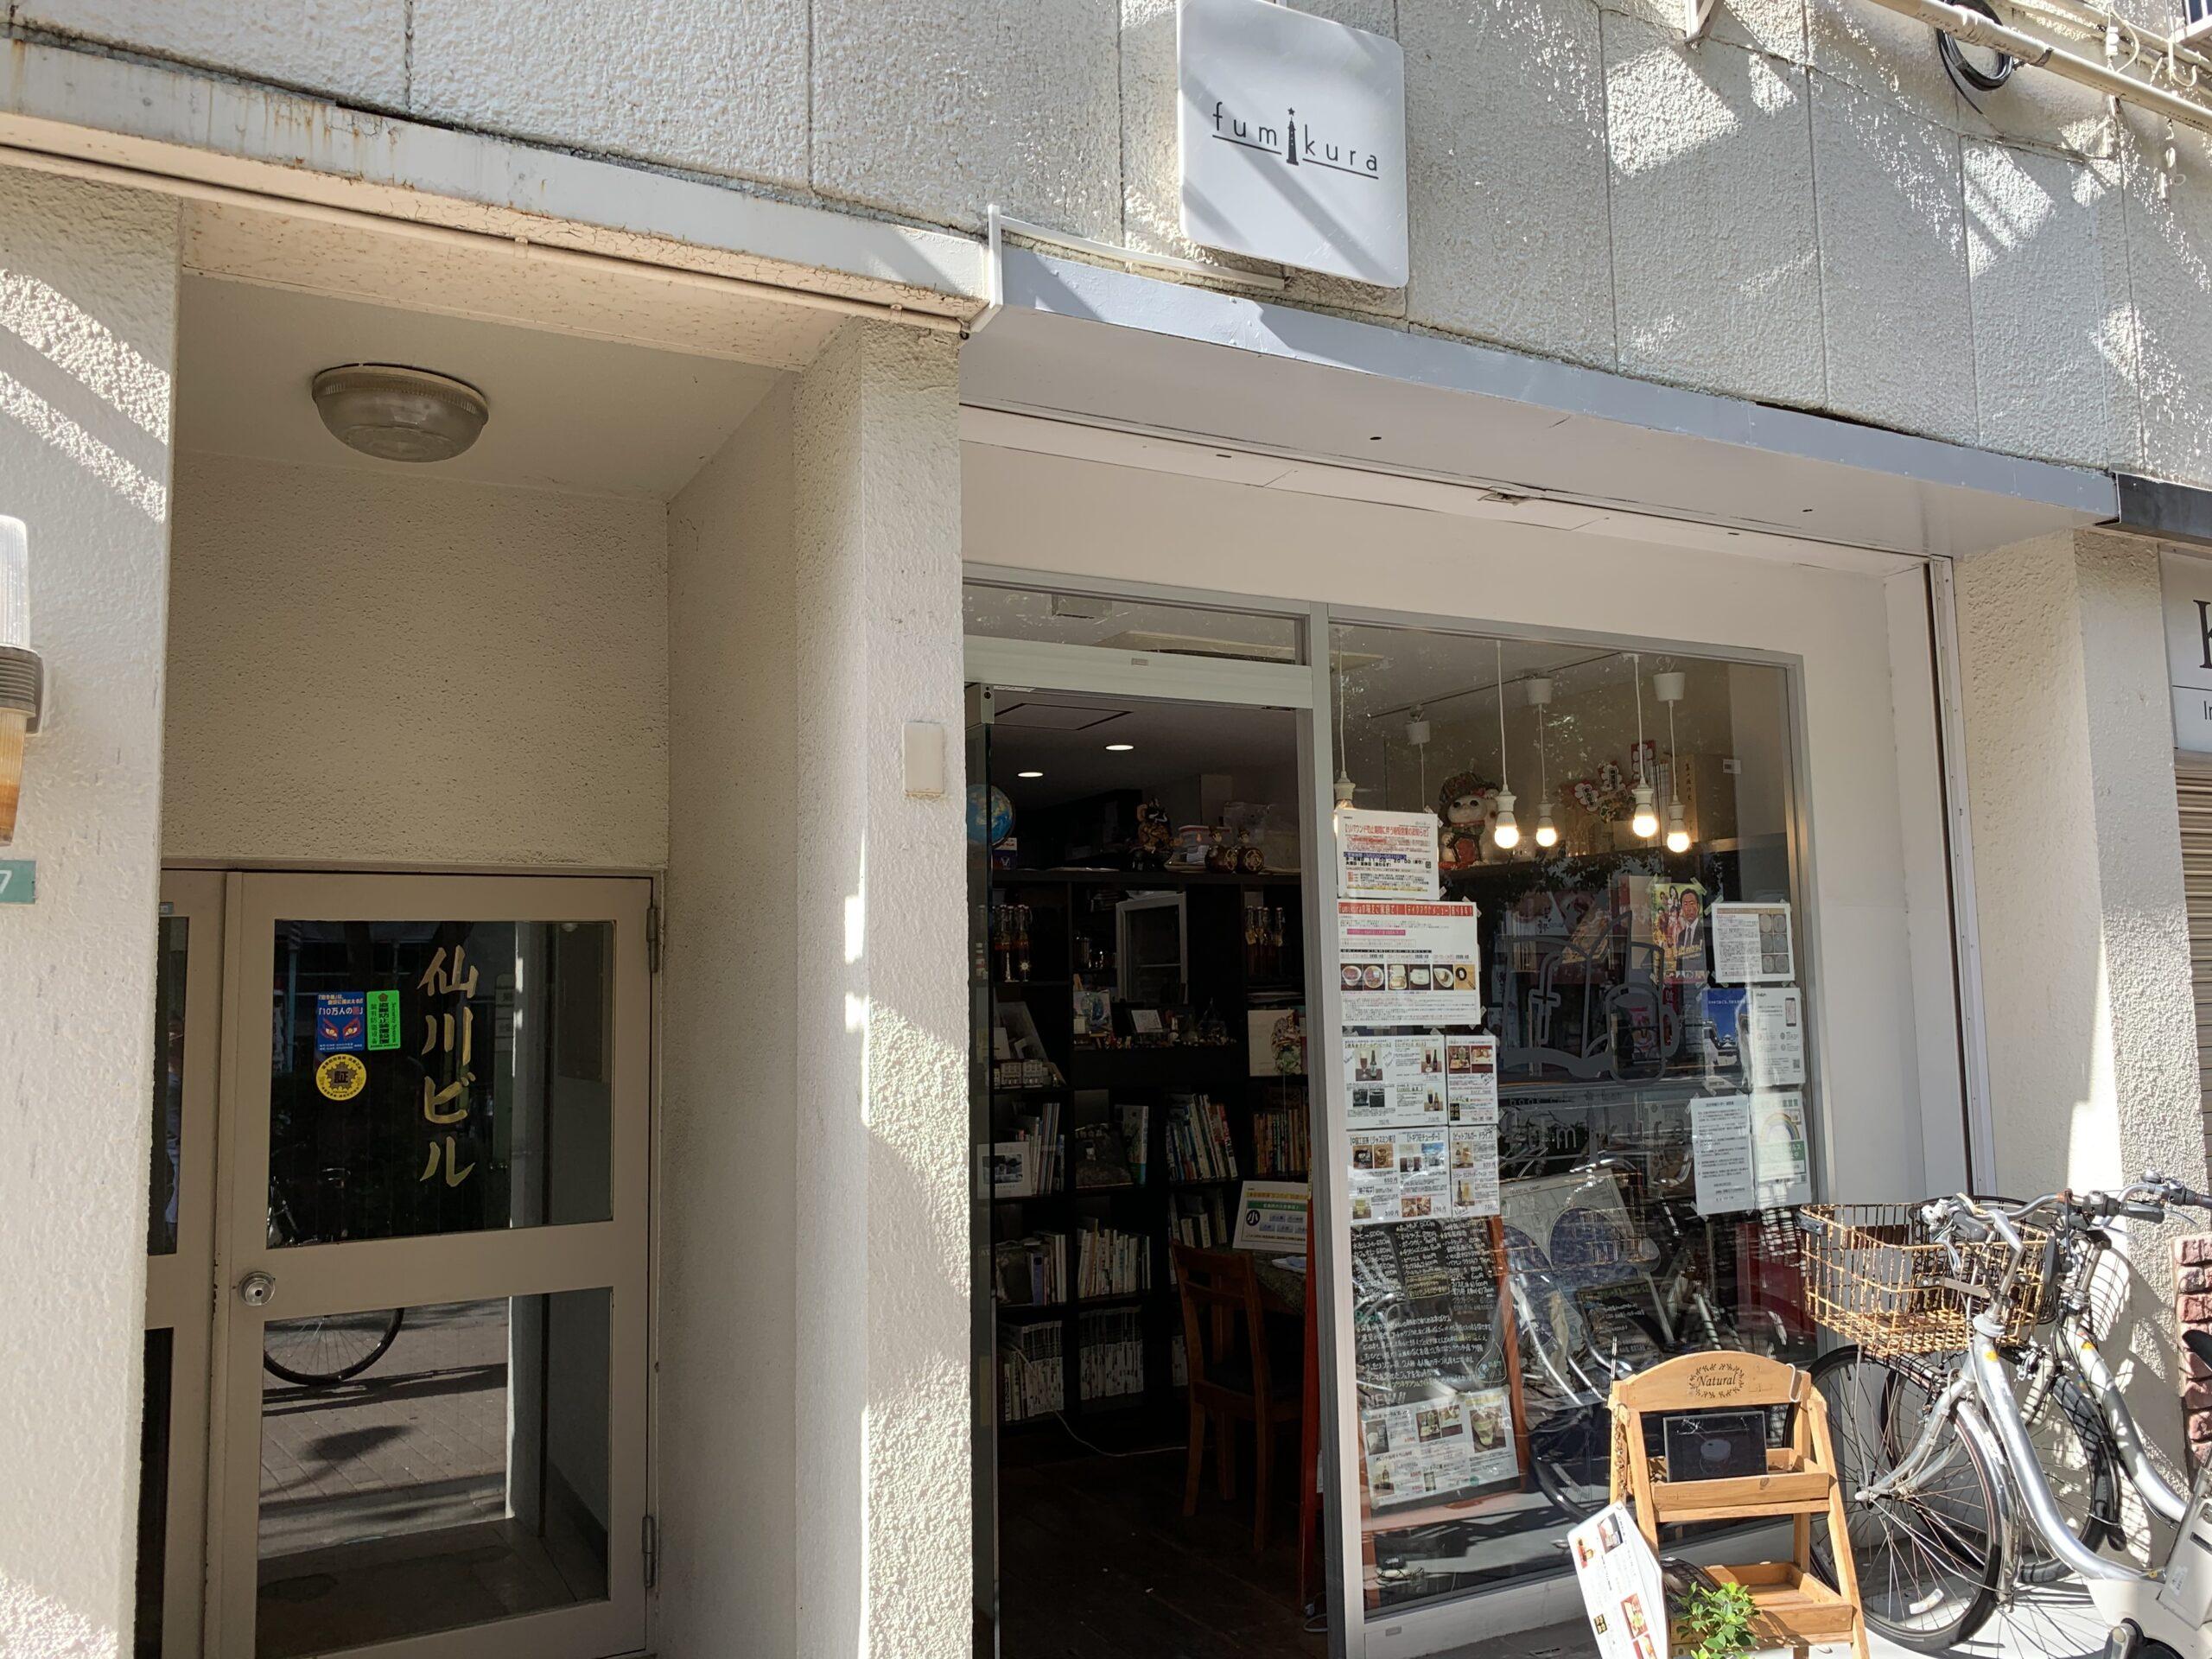 桜台駅 図鑑カフェfumikura Wi-Fi